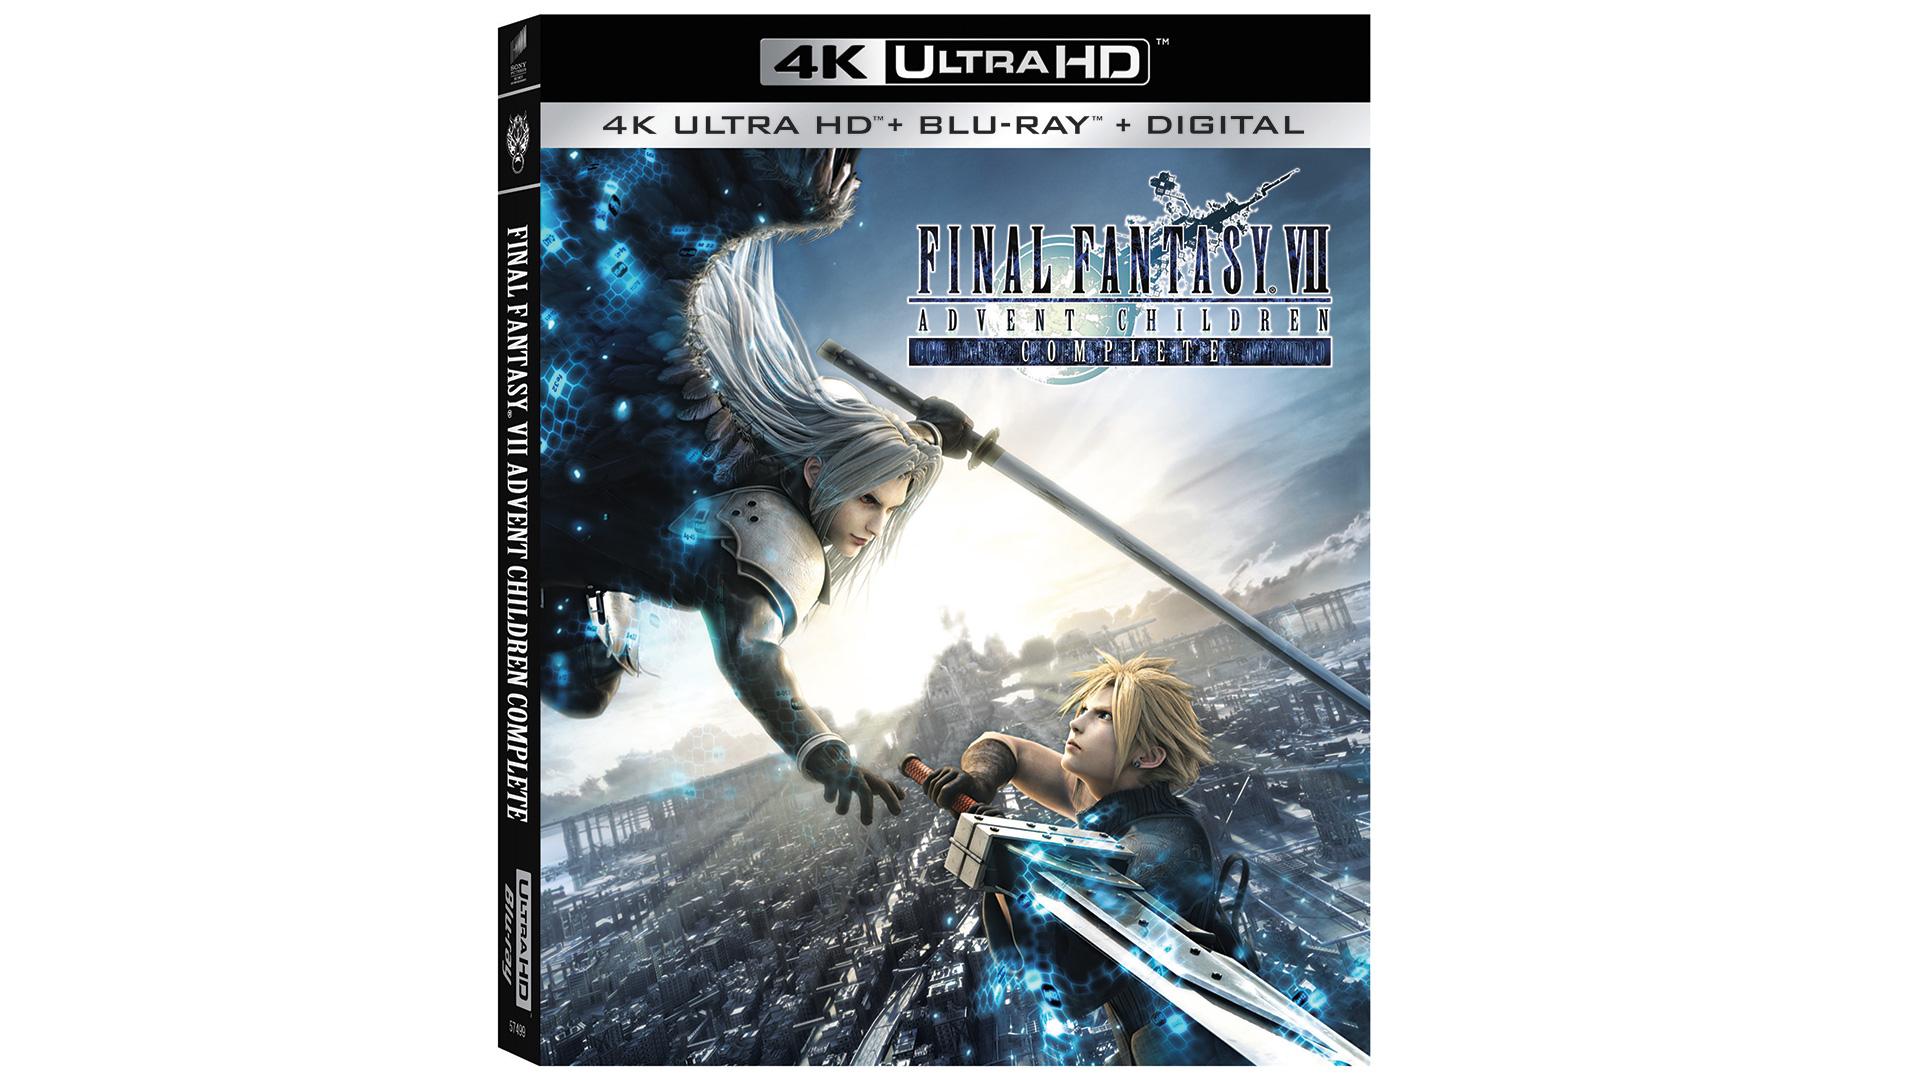 《最终幻想7:降临之子完全版》公布 支持4K、6月8日发售